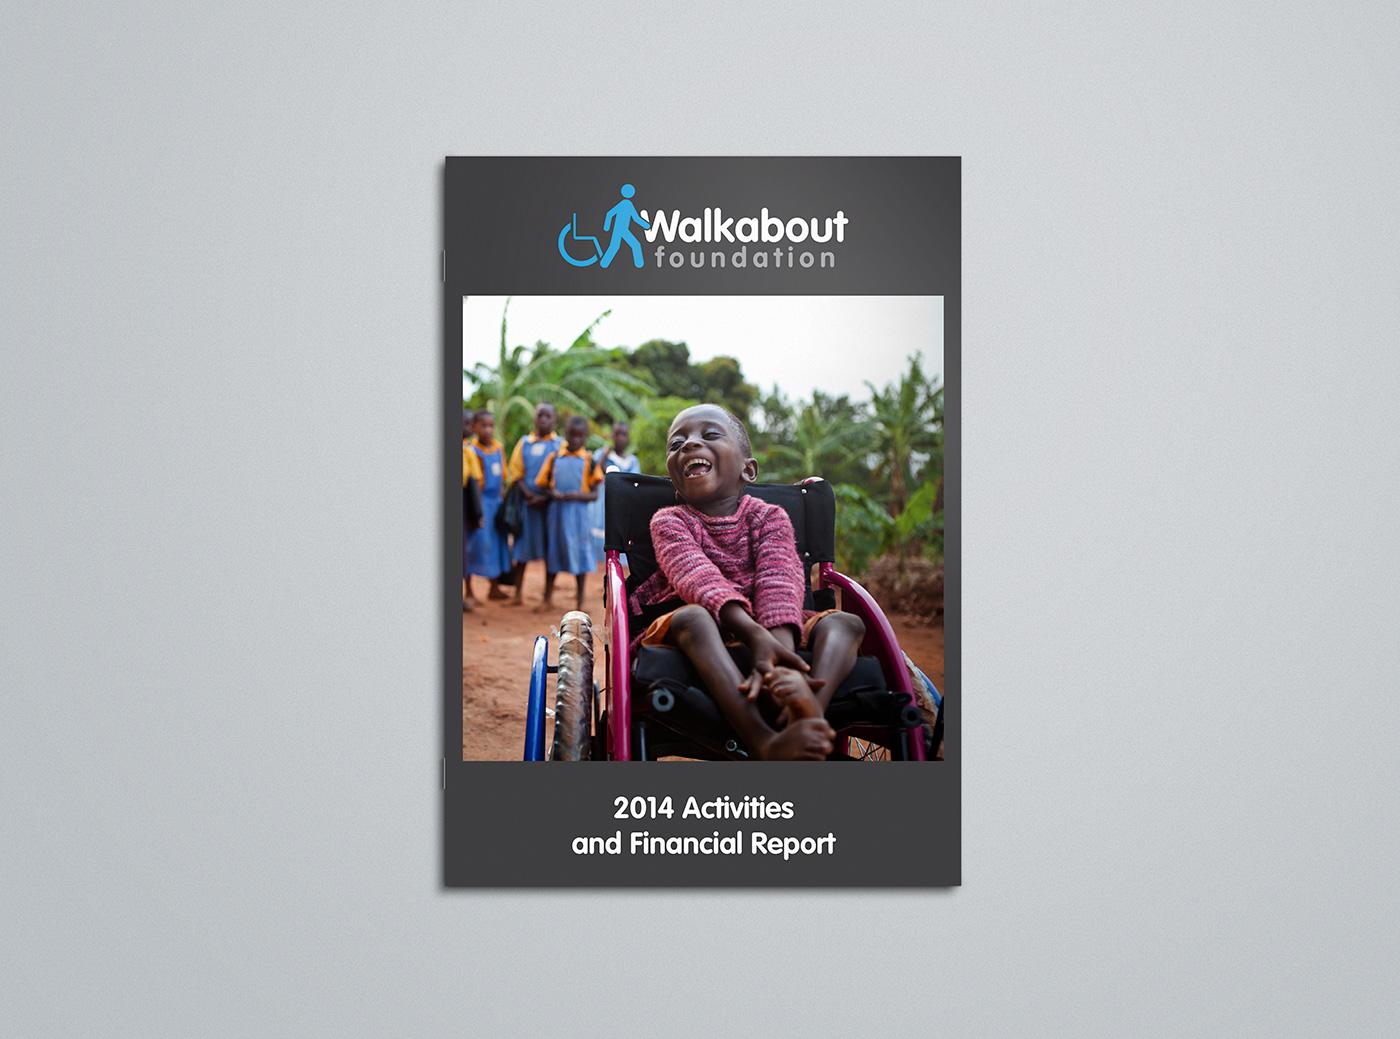 Walkabout-Foundation_2014-Financial-Summary_01_Rob-Barrett